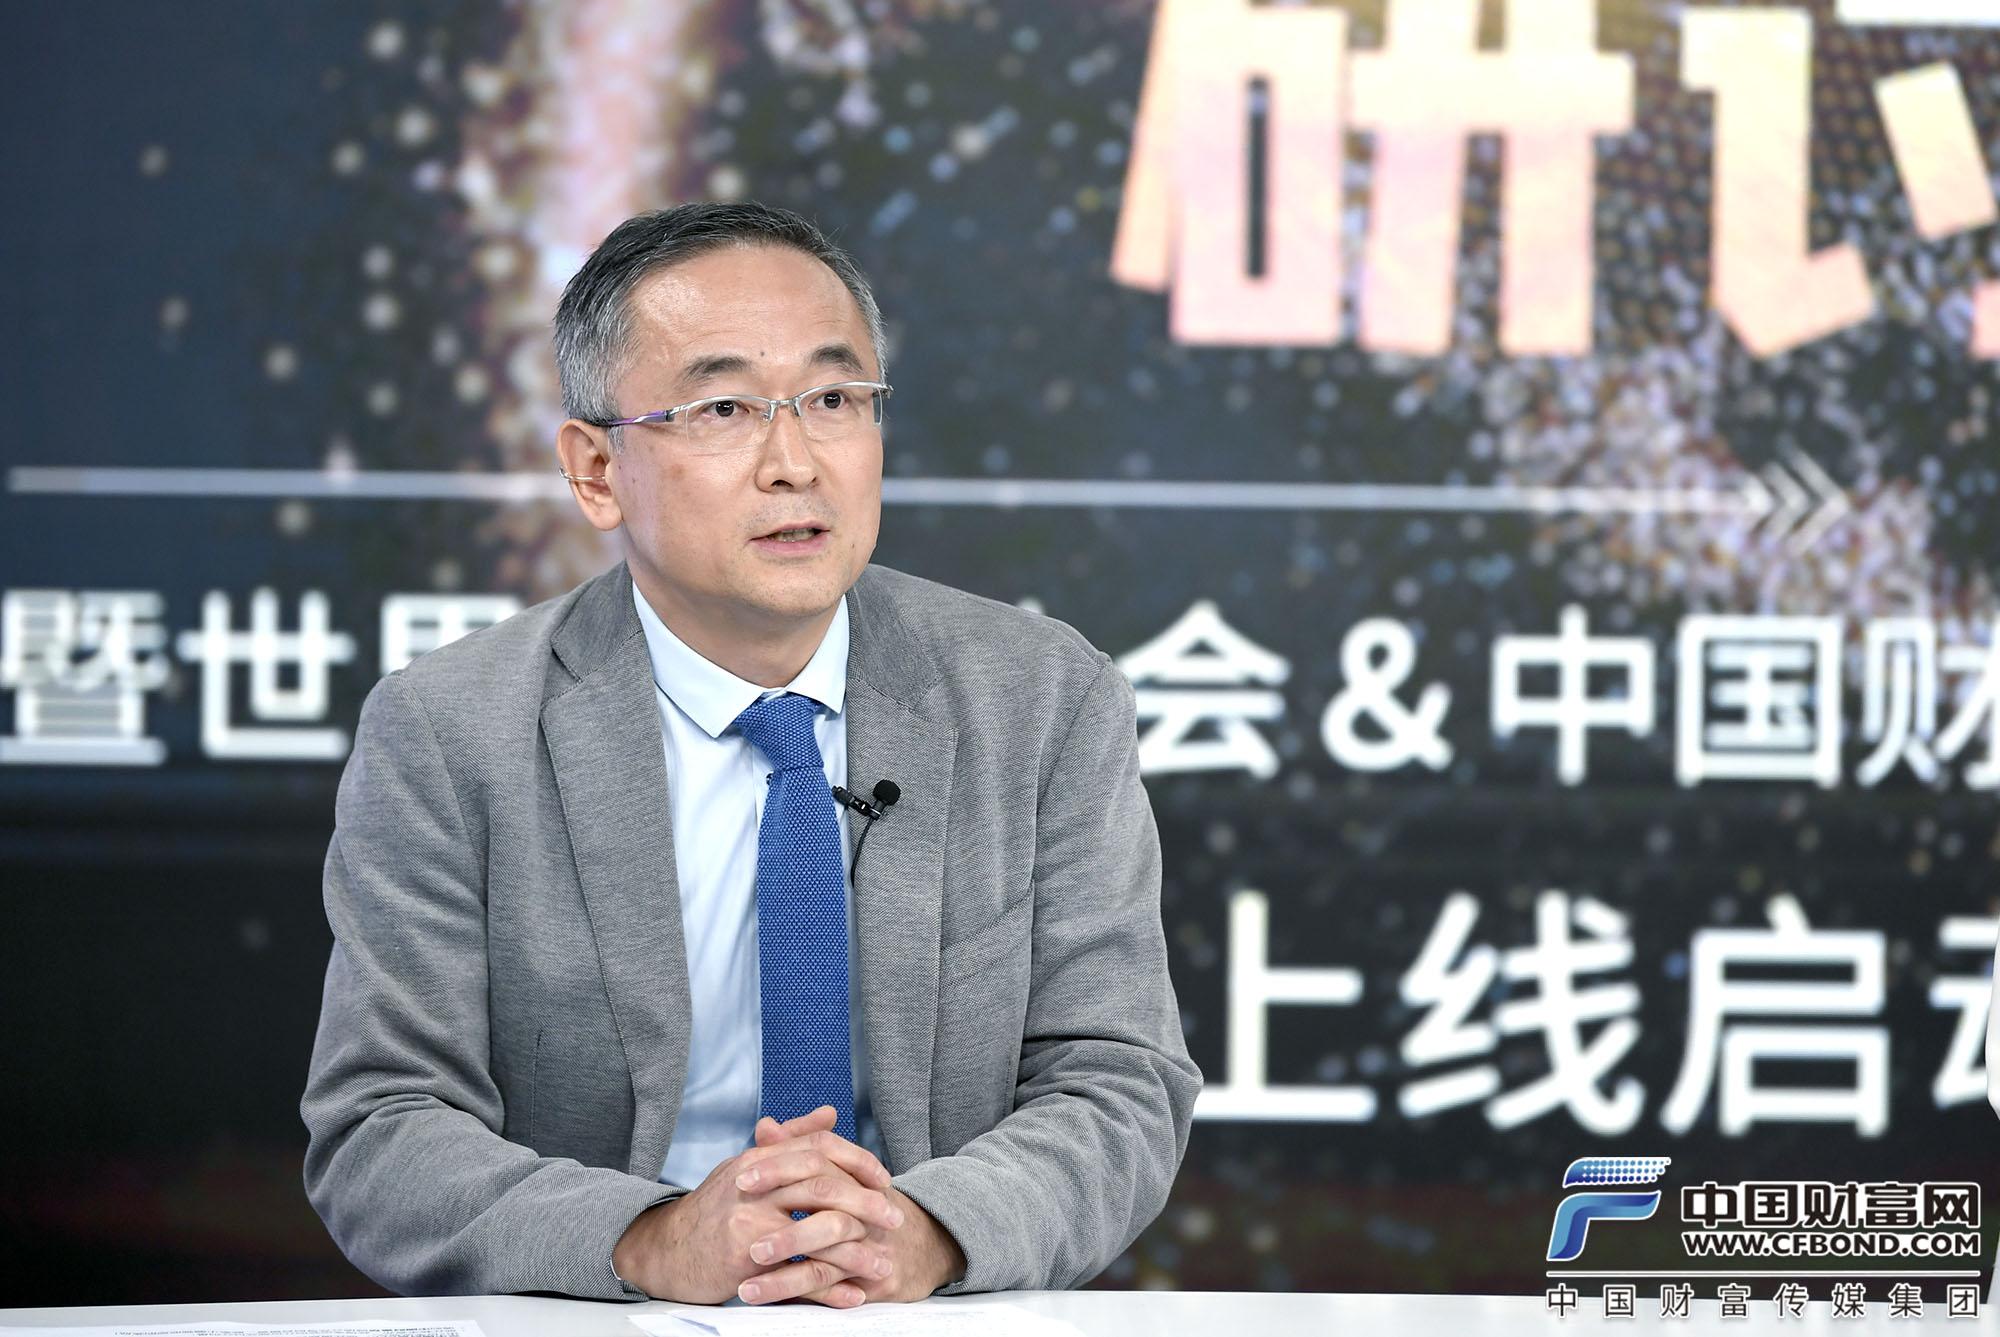 世界黄金协会中国区董事总经理王立新